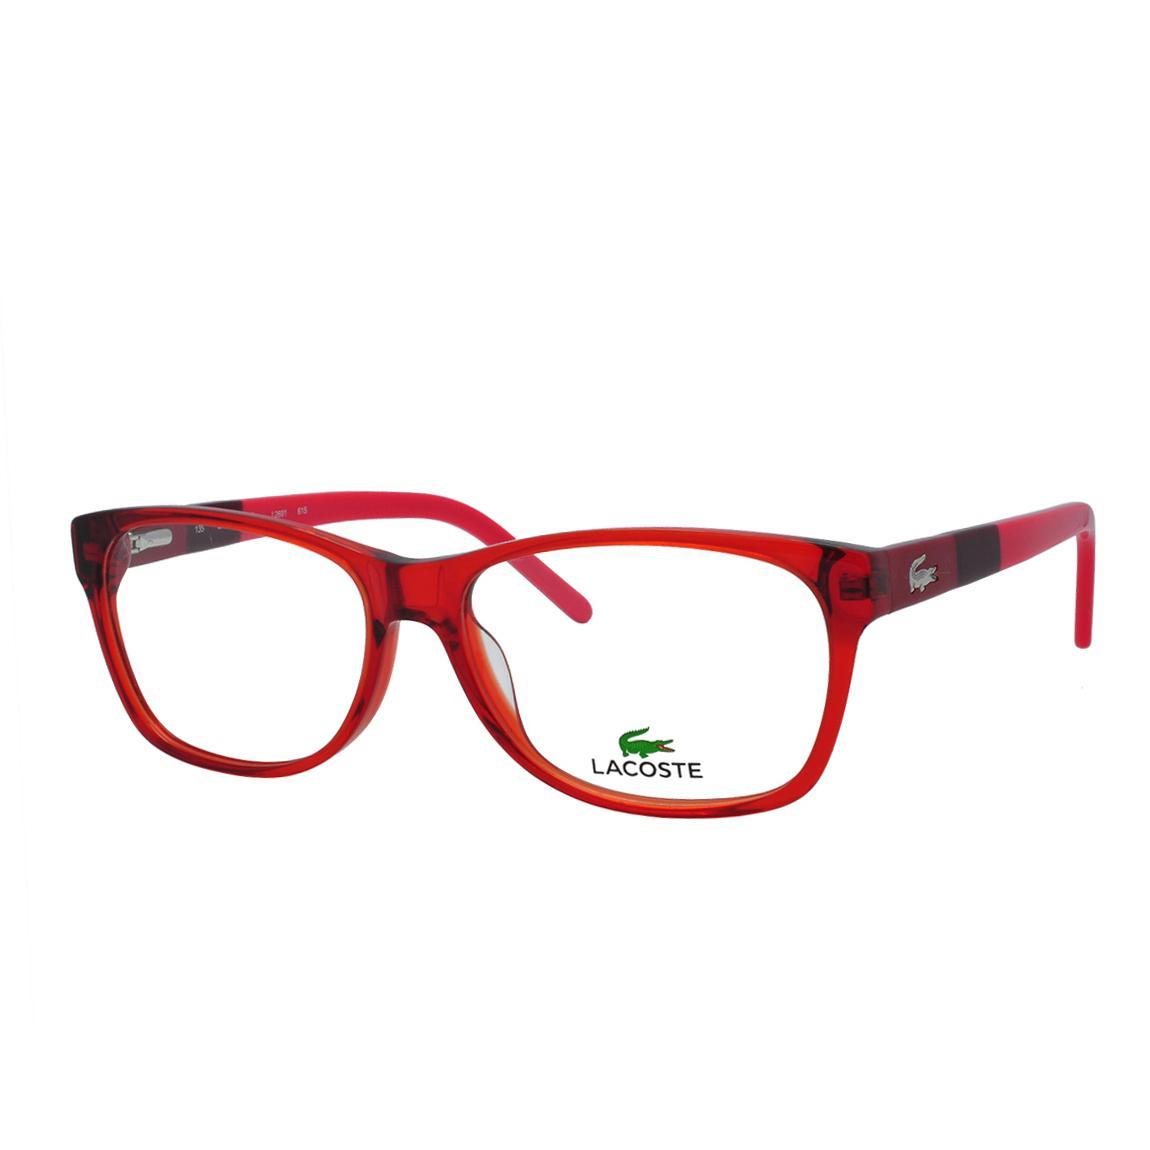 Óculos de Grau Lacoste Feminino L2691 C615 - Acetato Vermelho R  535,00 à  vista. Adicionar à sacola ab45f4f0da